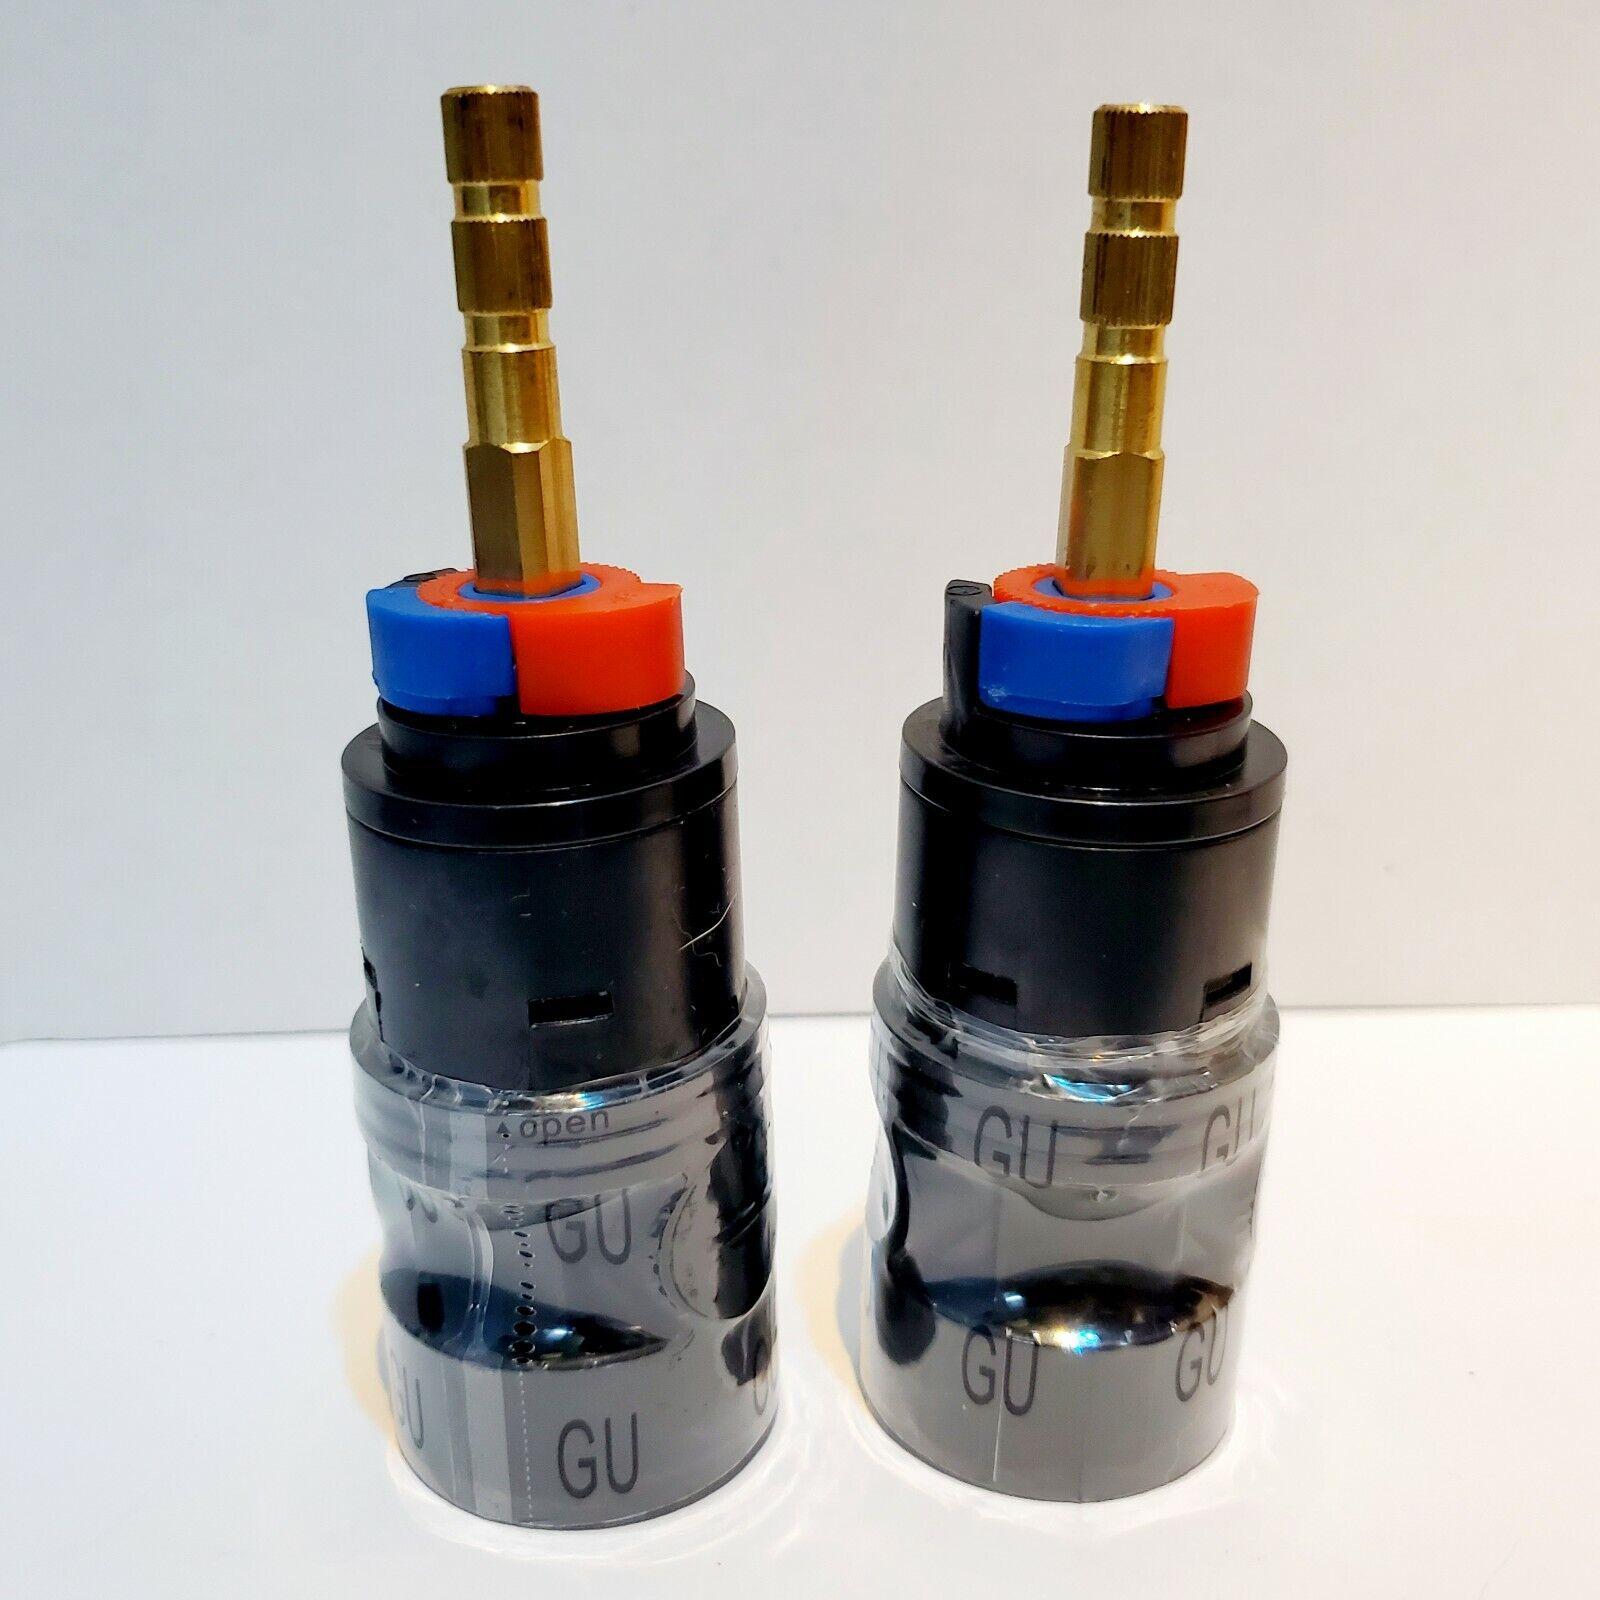 Danze Da507108 2 Pressure Balancing Cartridge Spool